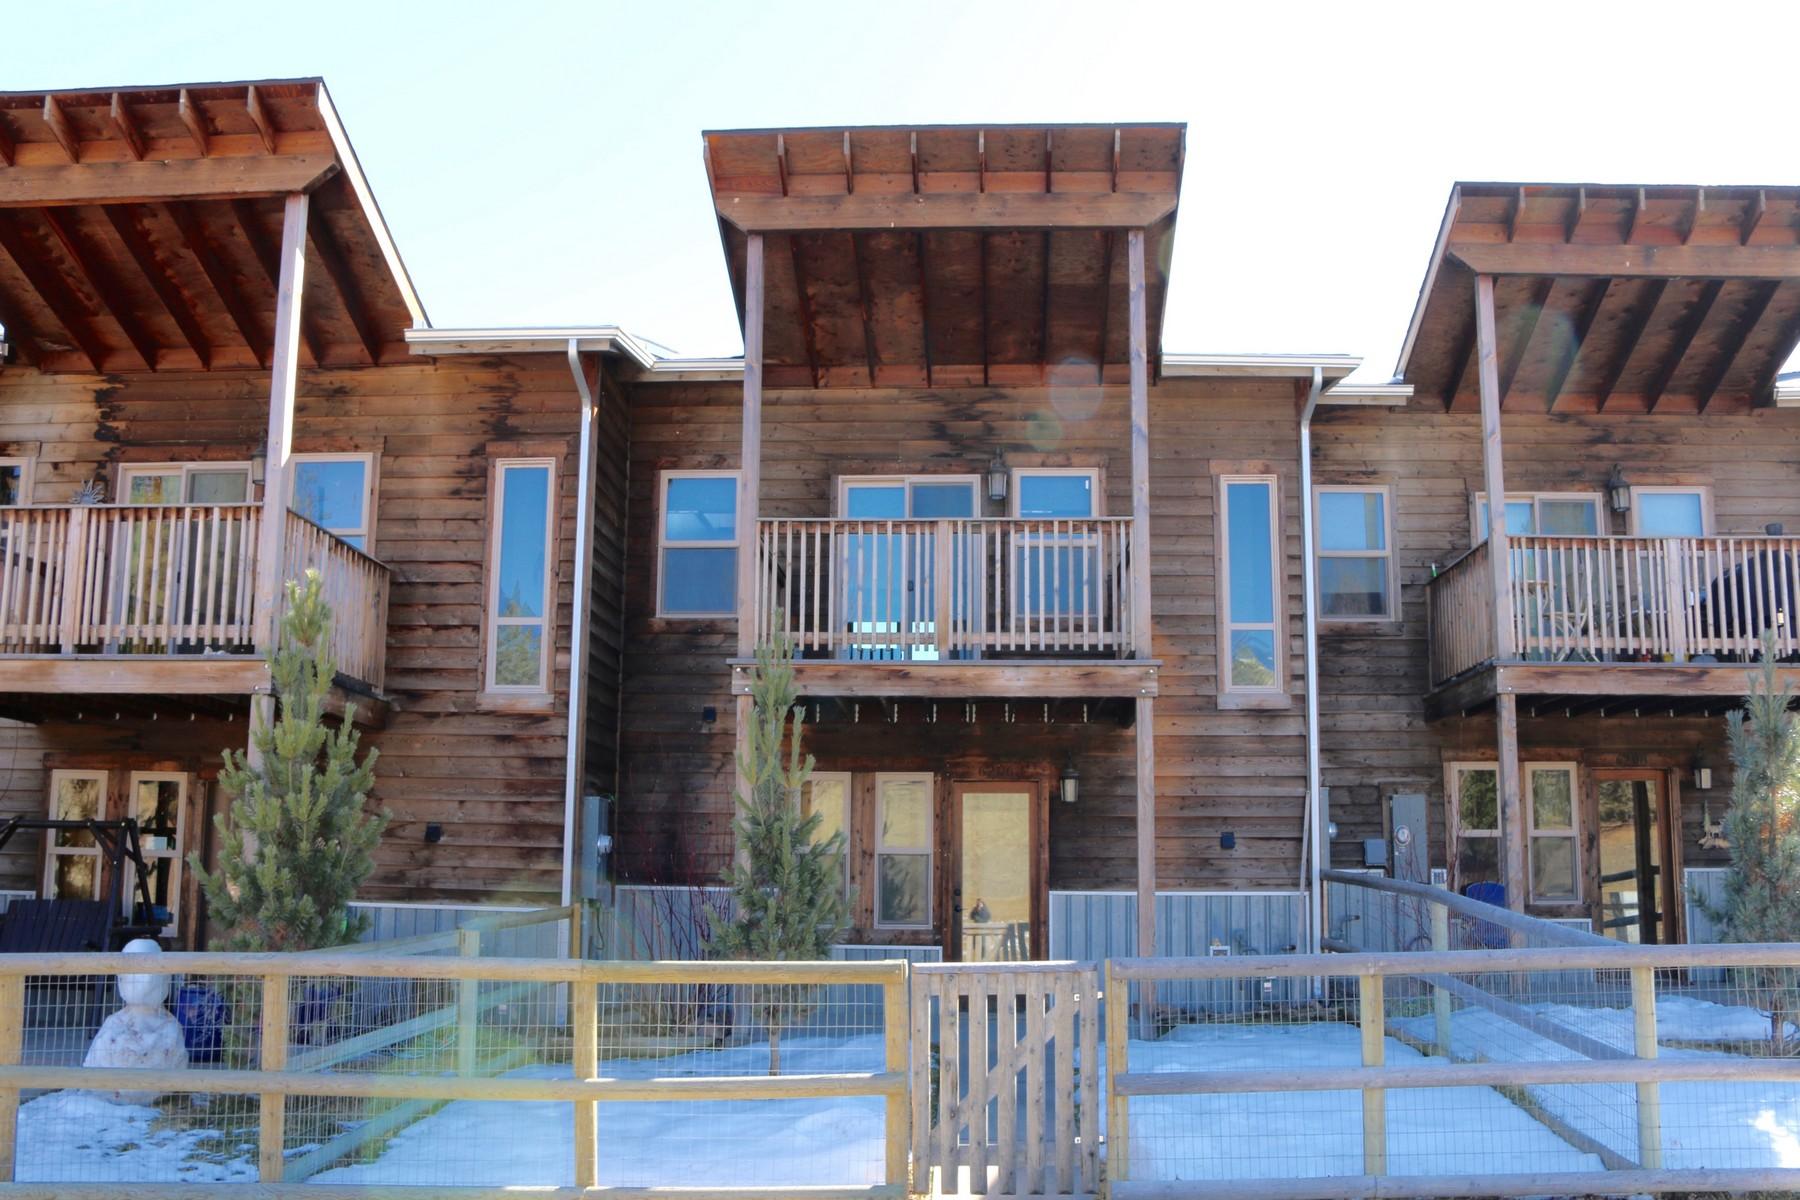 Stadthaus für Verkauf beim 6206 Brewery Way , Lolo, MT 59847 6206 Brewery Way, Lolo, Montana, 59847 Vereinigte Staaten